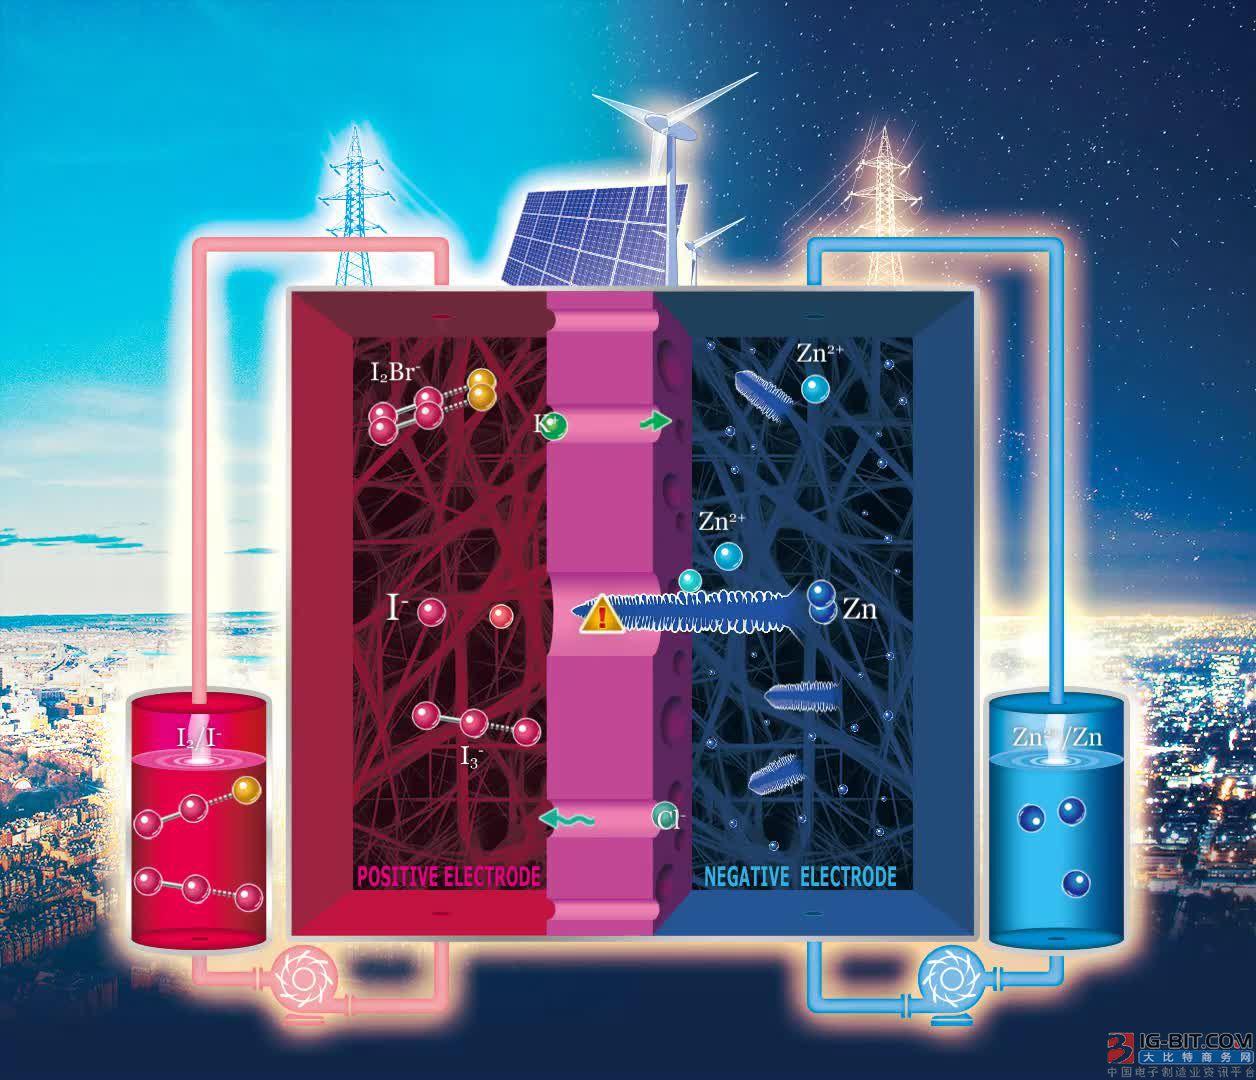 大连化物所高能量密度、长寿命锌碘液流电池研究取得进展